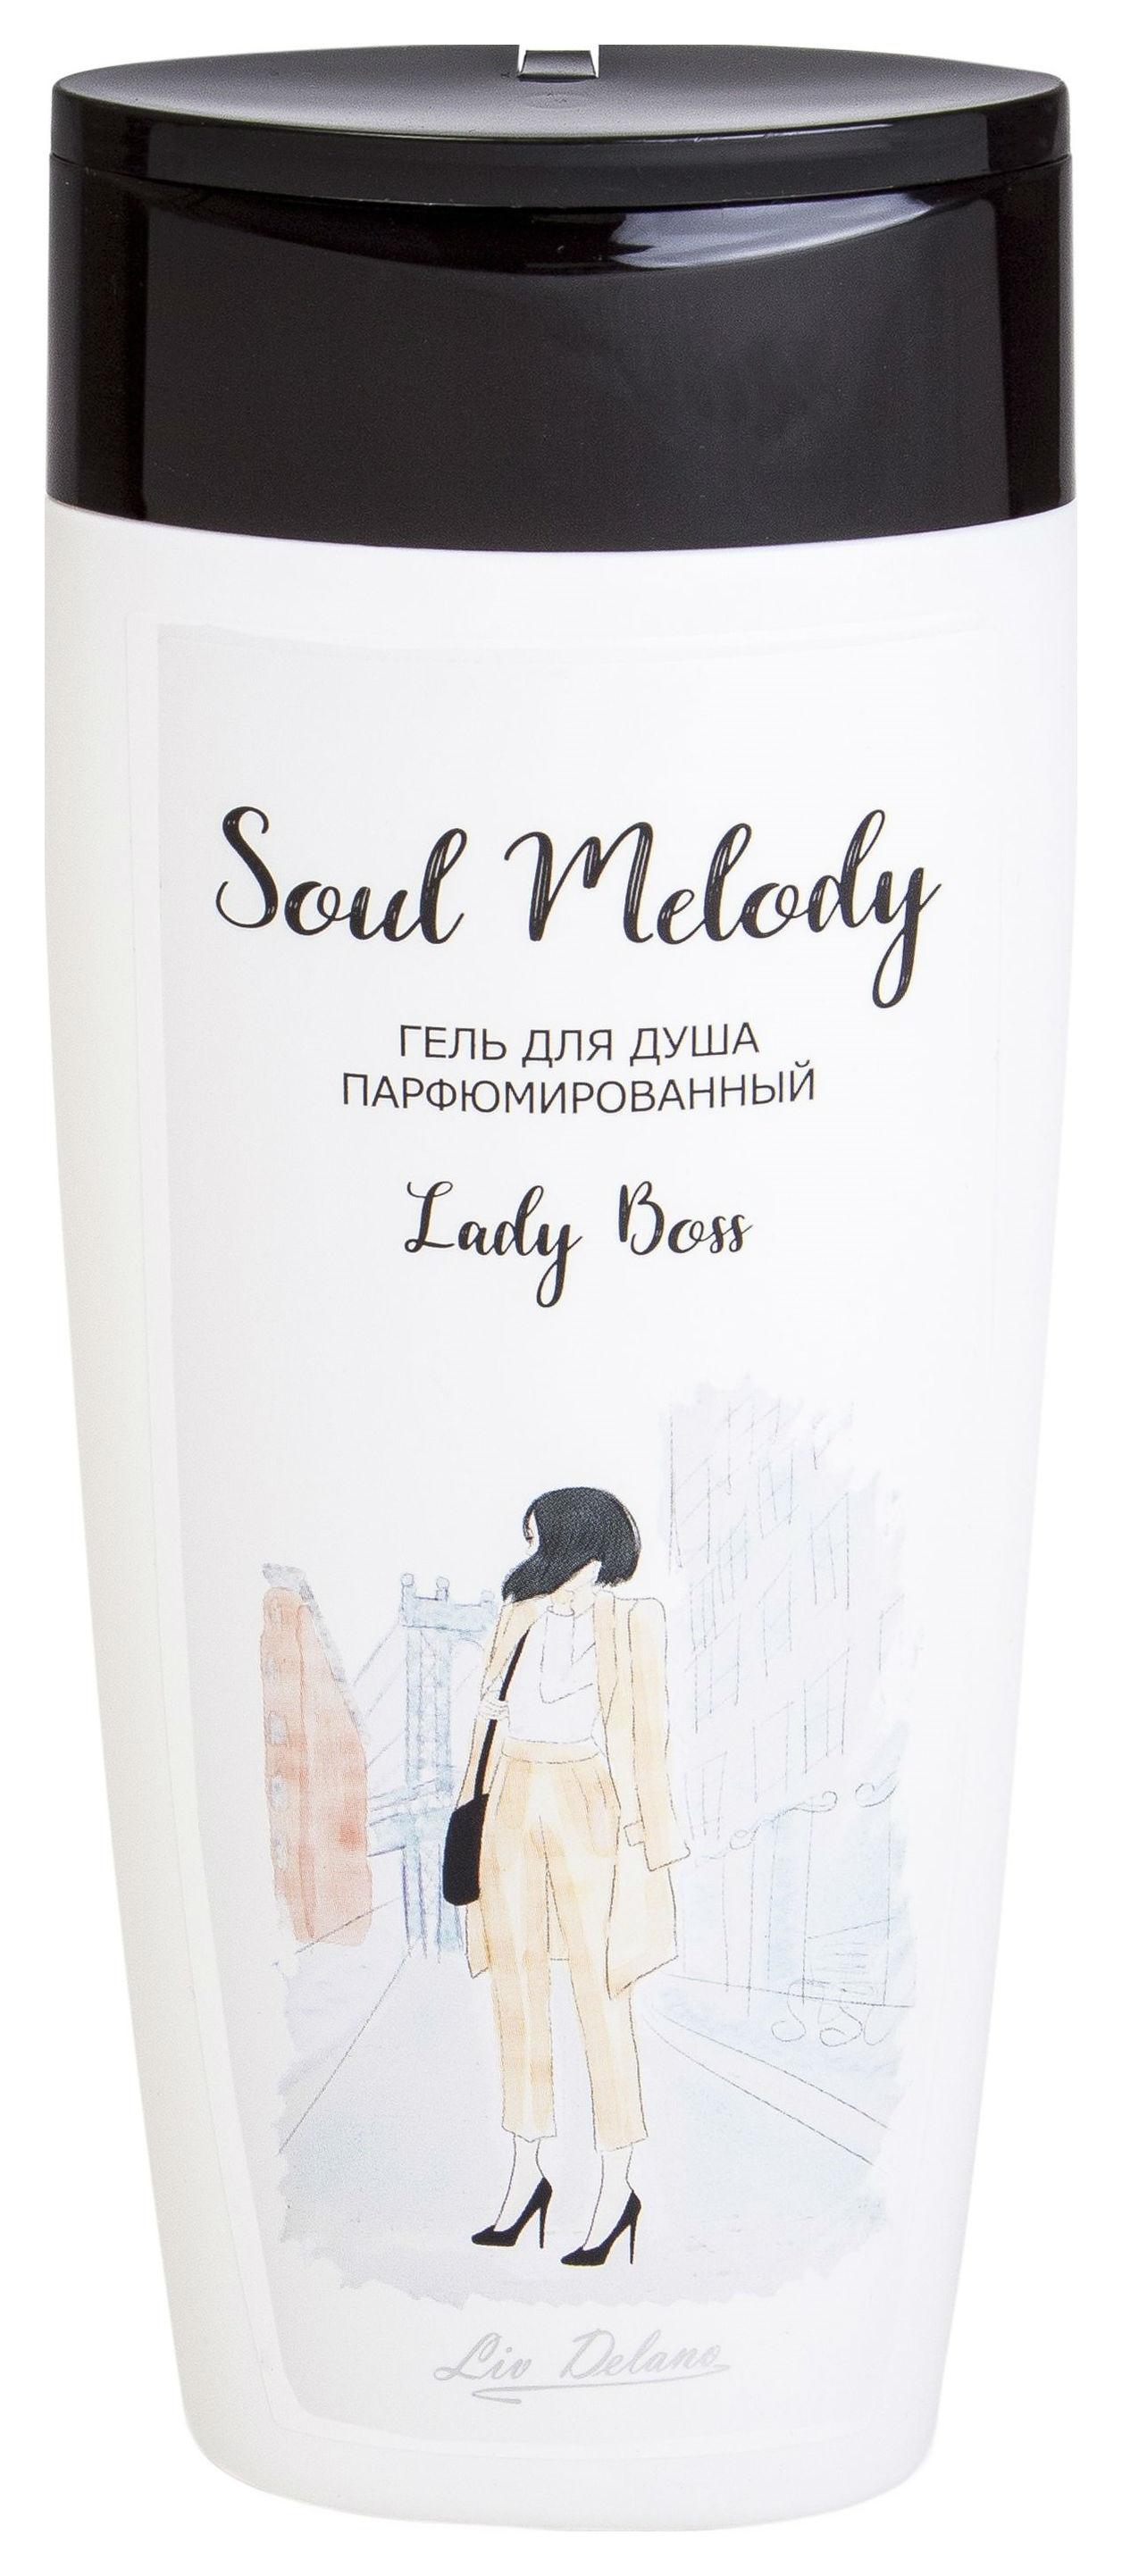 Купить Гель для душа Liv Delano Lady Boss, 250 г